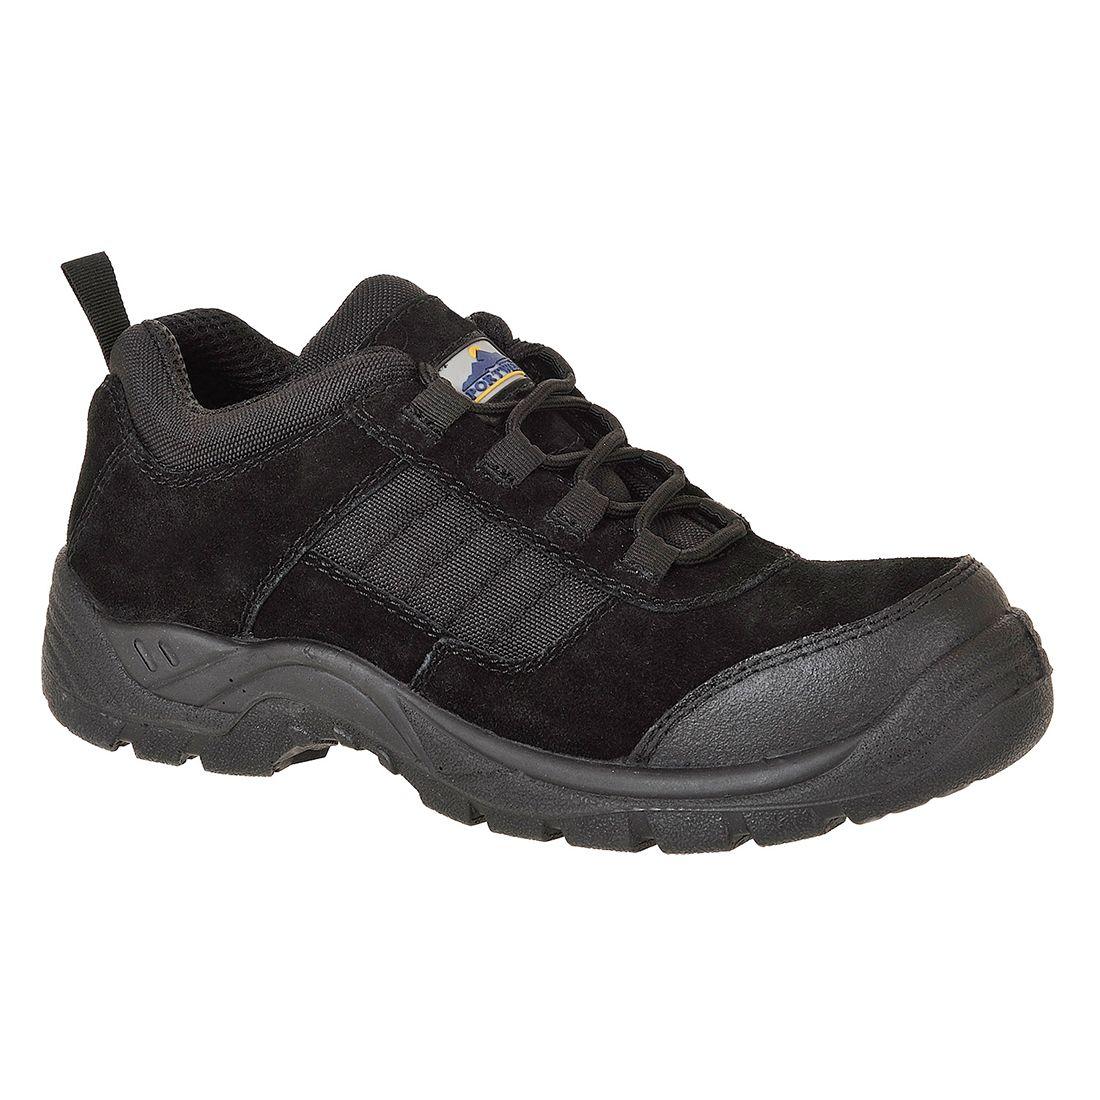 FC66 Compositelite Trouper védőcipő S1